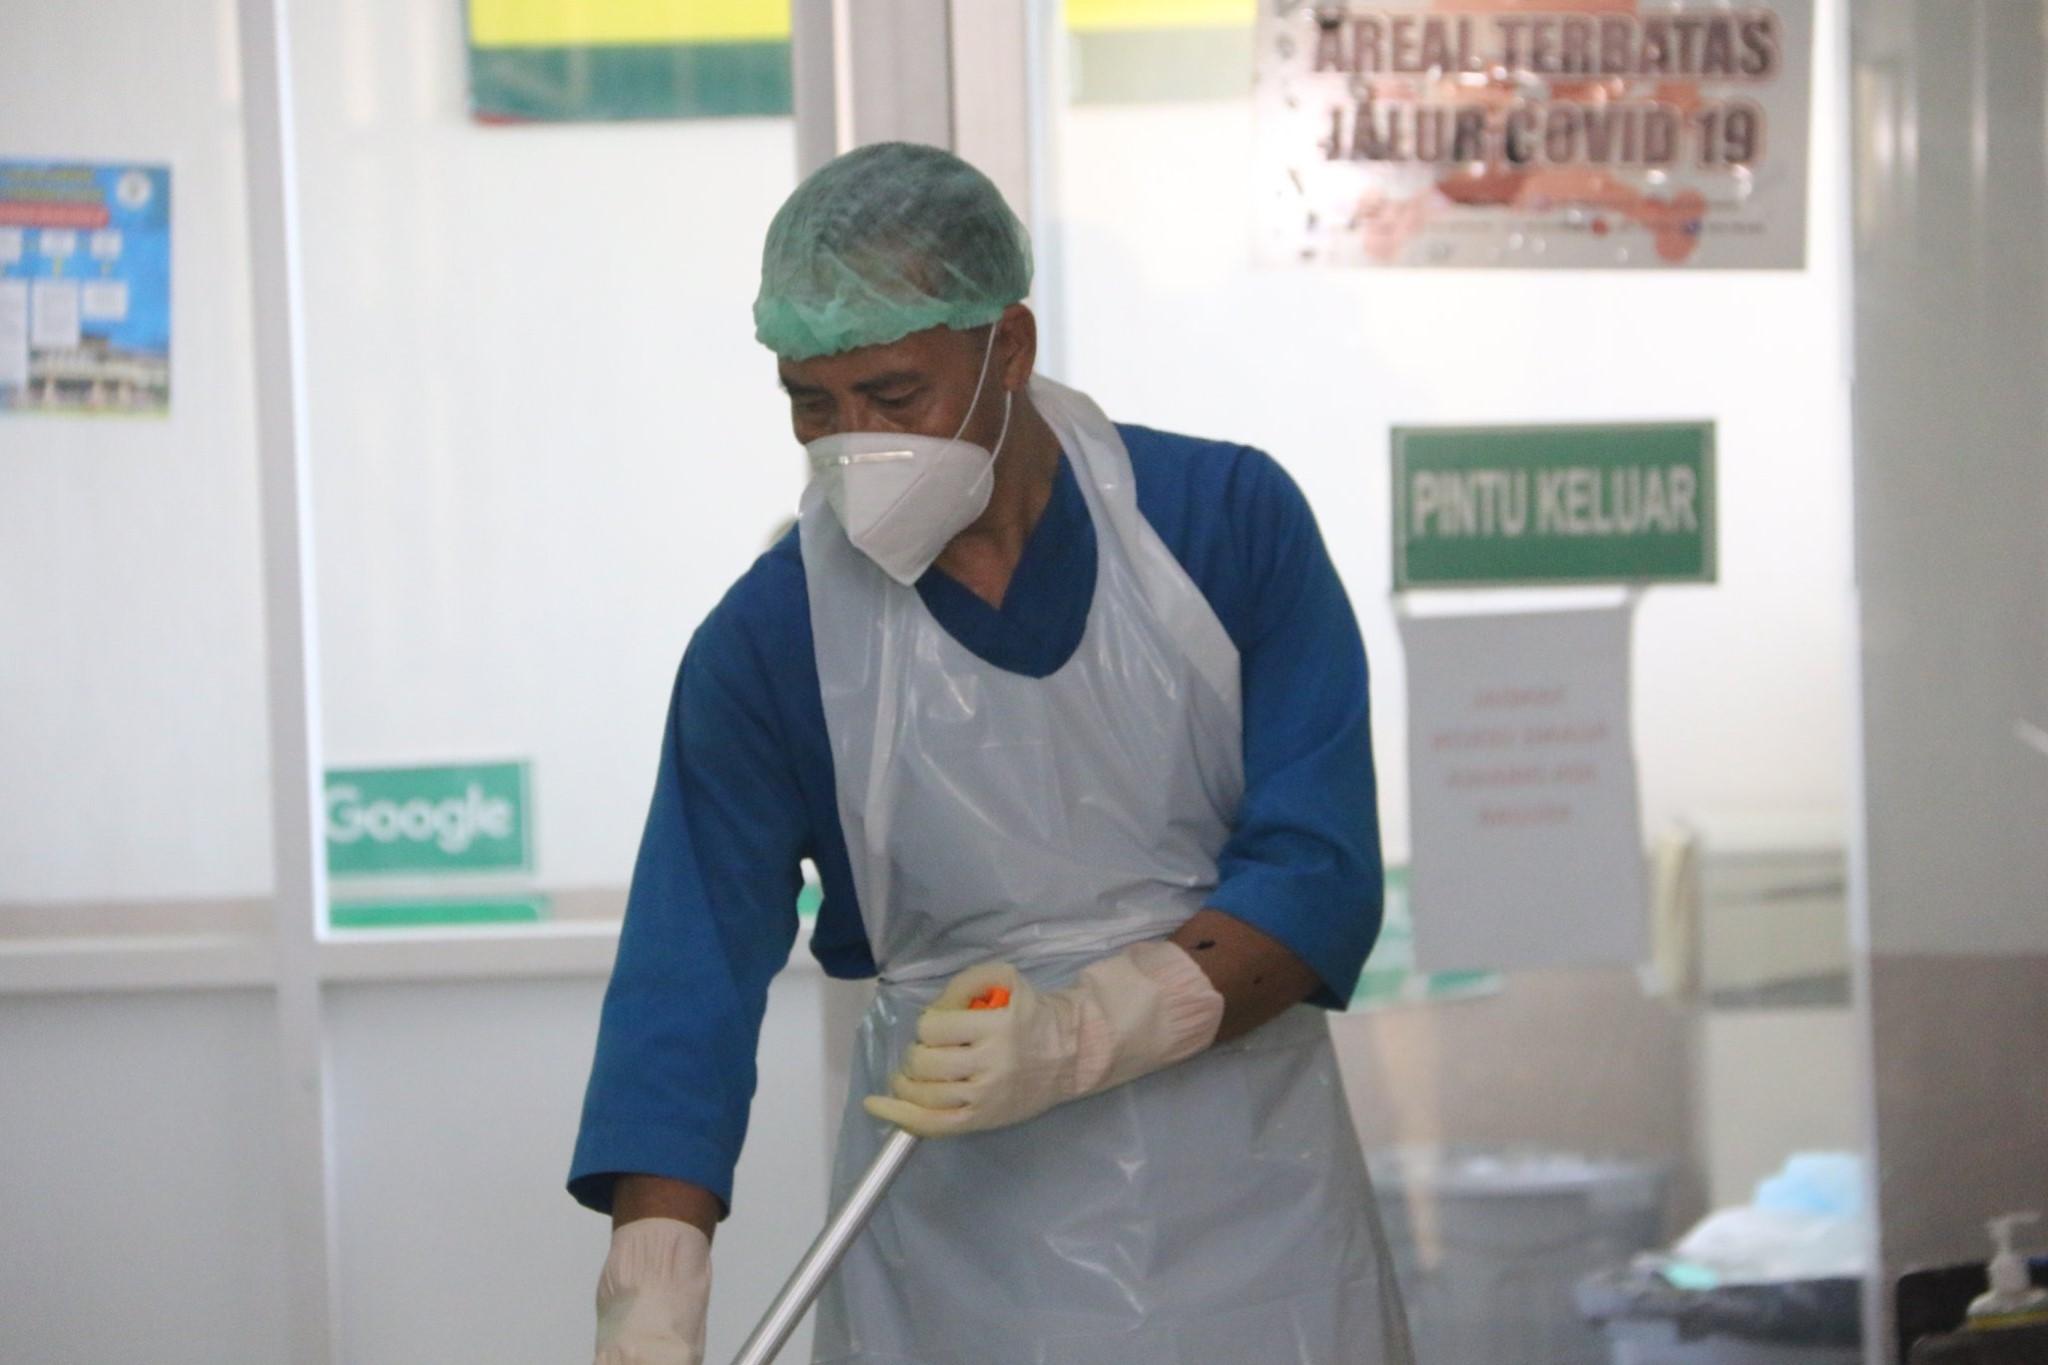 Mengenal Bapak H Usman Cleaning Service Yang Juga Menjadi Garda Terdepan Selama Pandemi Rumah Sakit Umum Daerah Provinsi Ntb